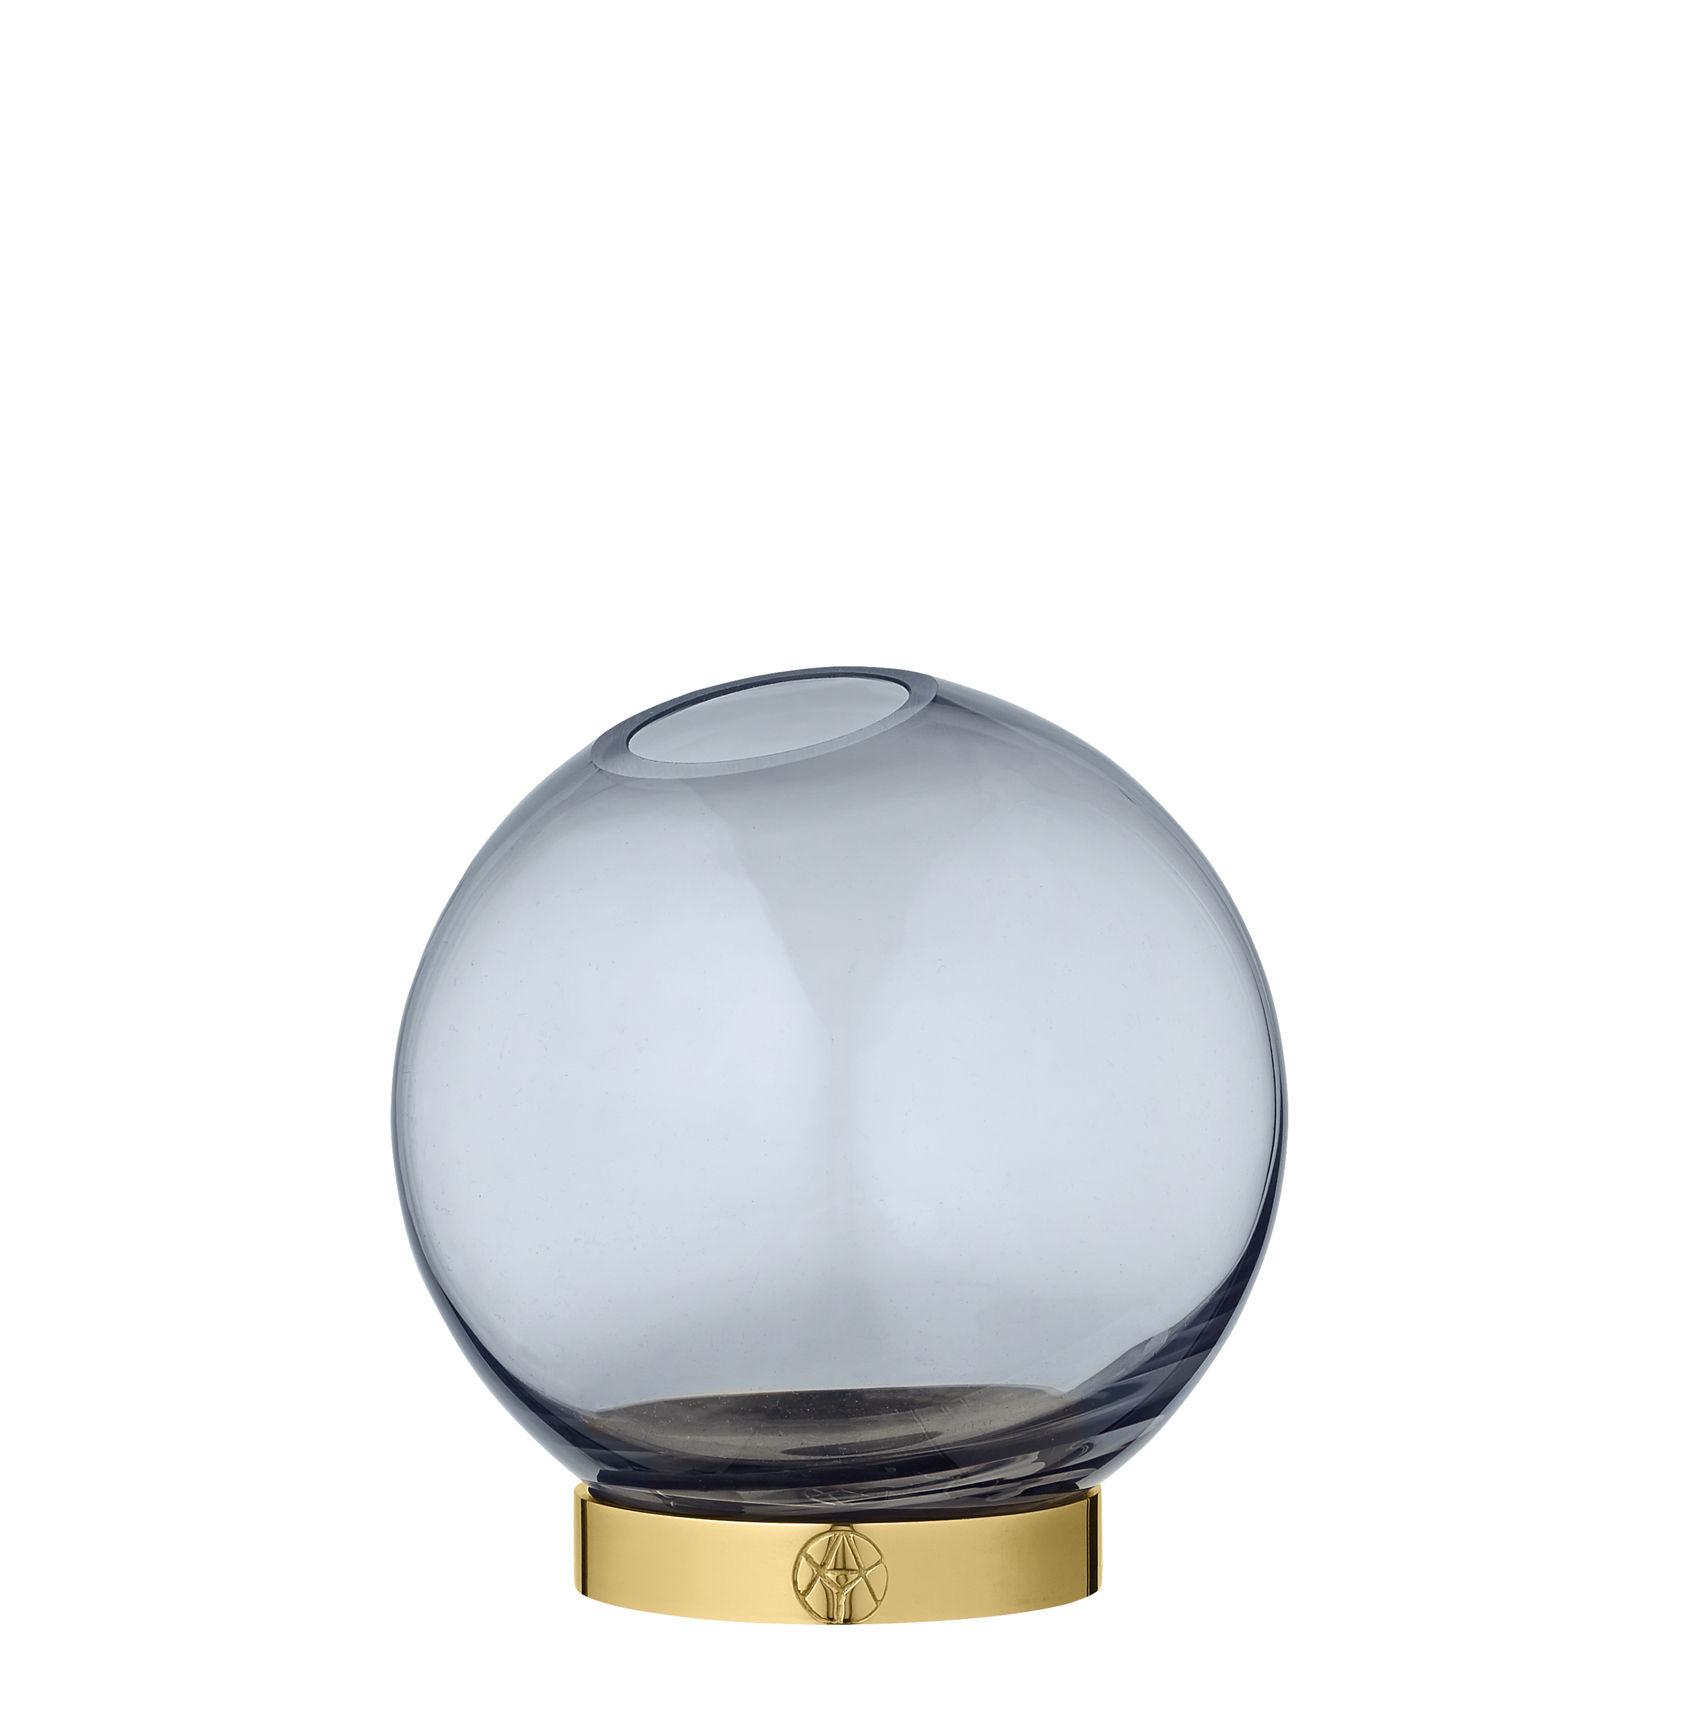 Interni - Vasi - Vaso Globe Small - / Ø 10  cm - Vetro & ottone di AYTM - Bleu / Laiton - Ottone, vetro soffiato